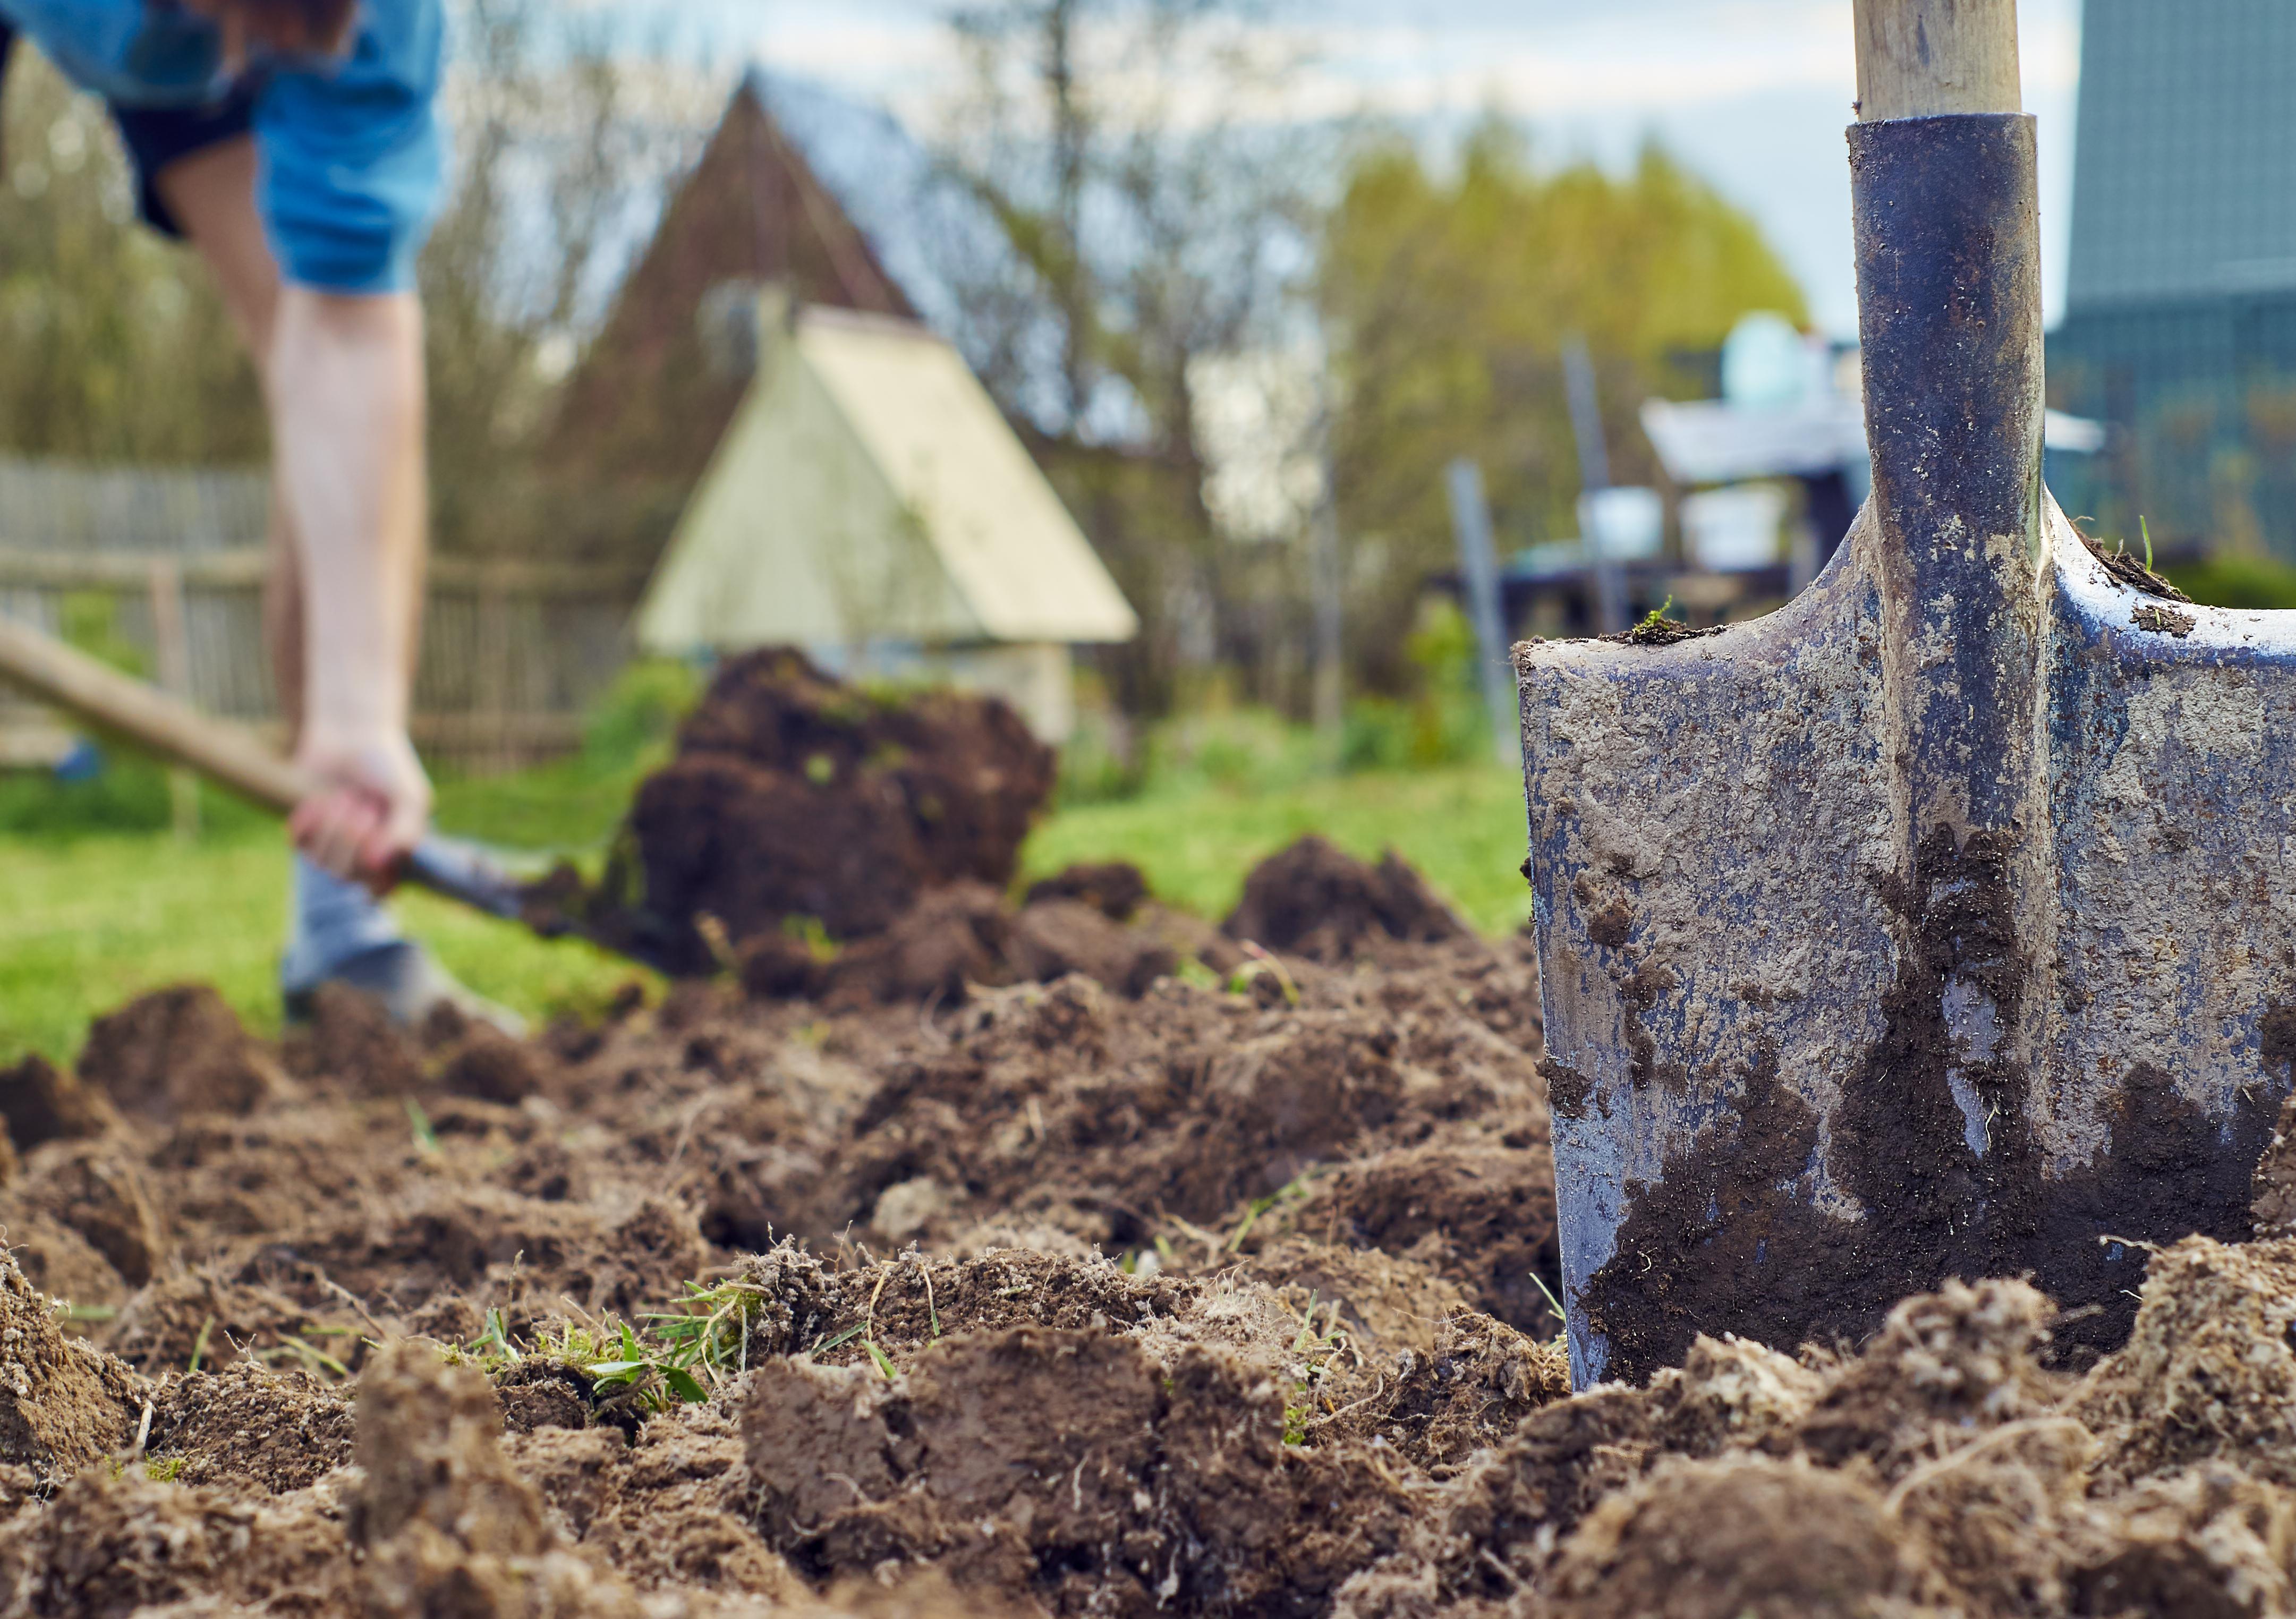 Лунный календарь садовода на май 2018 подскажет, когда начать основные работы в последний месяц весны